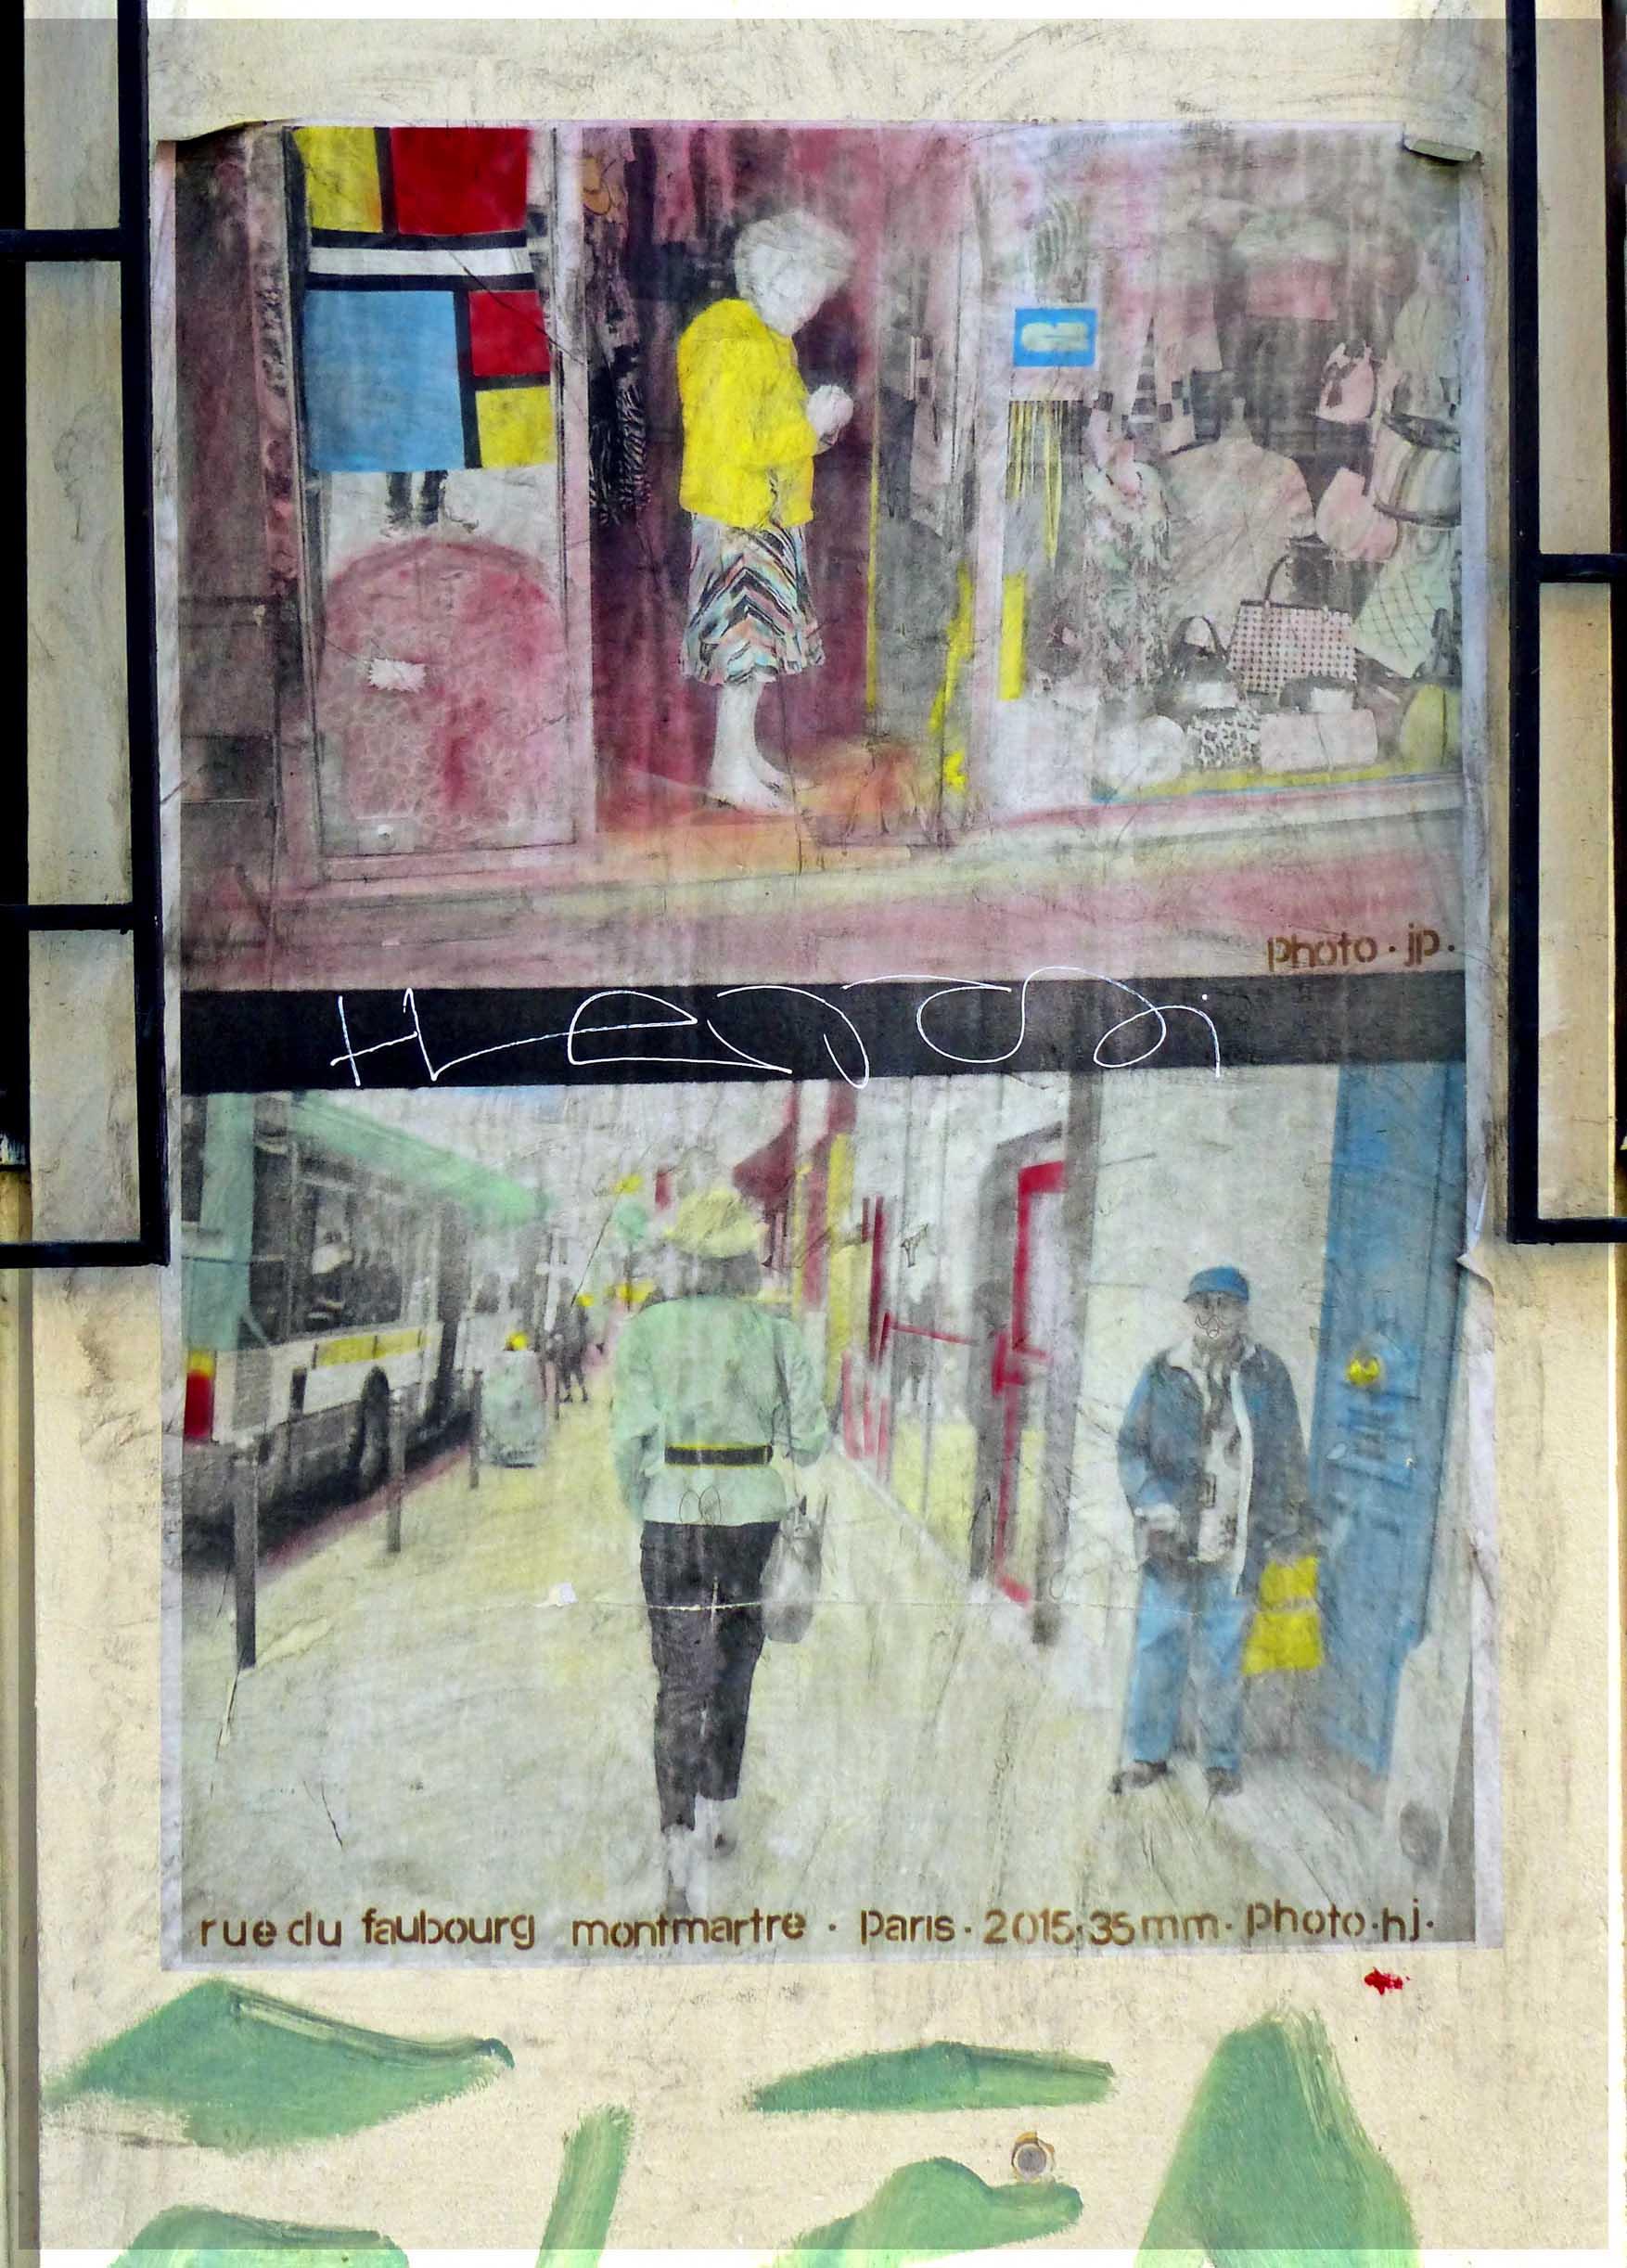 Paintings of street scenes